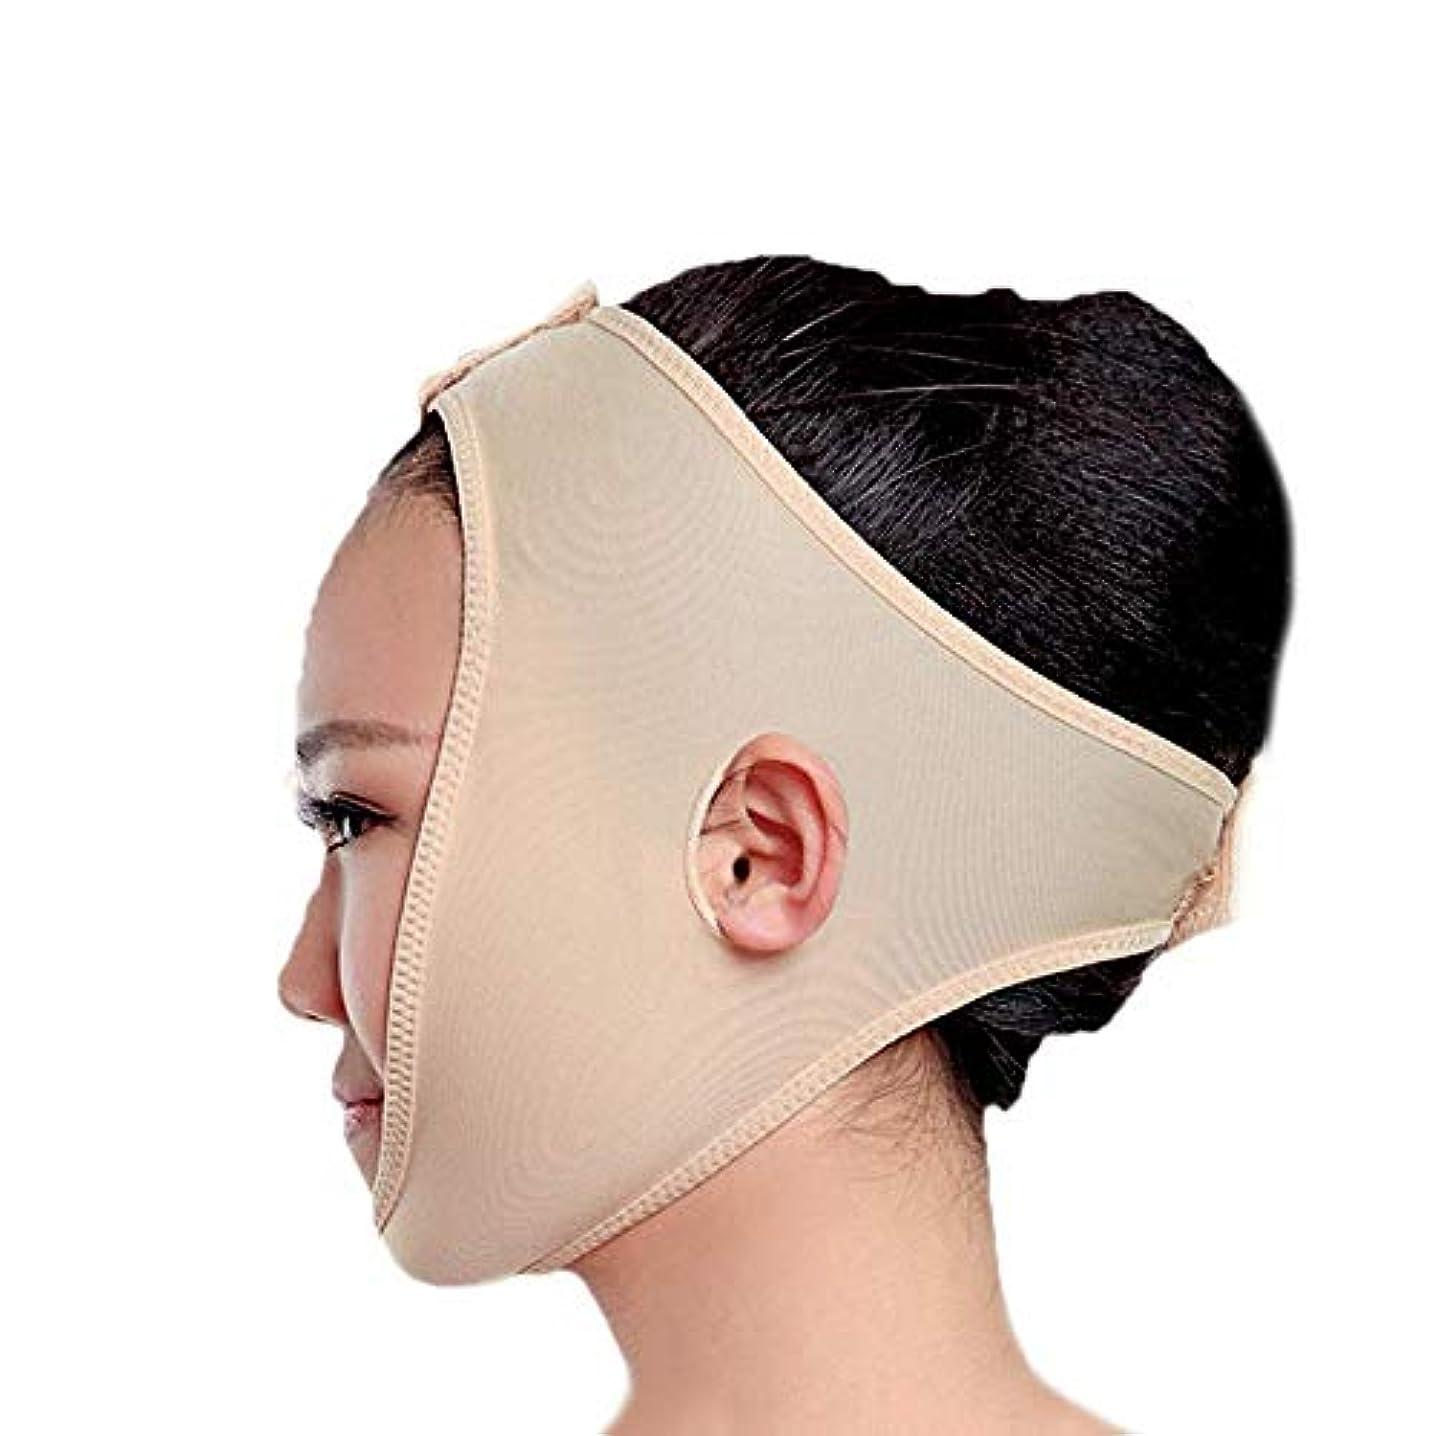 フェイススリミングマスク、快適さと通気性、フェイシャルリフティング、輪郭の改善された硬さ、ファーミングとリフティングフェイス(カラー:ブラック、サイズ:XL),黄色がかったピンク2、S